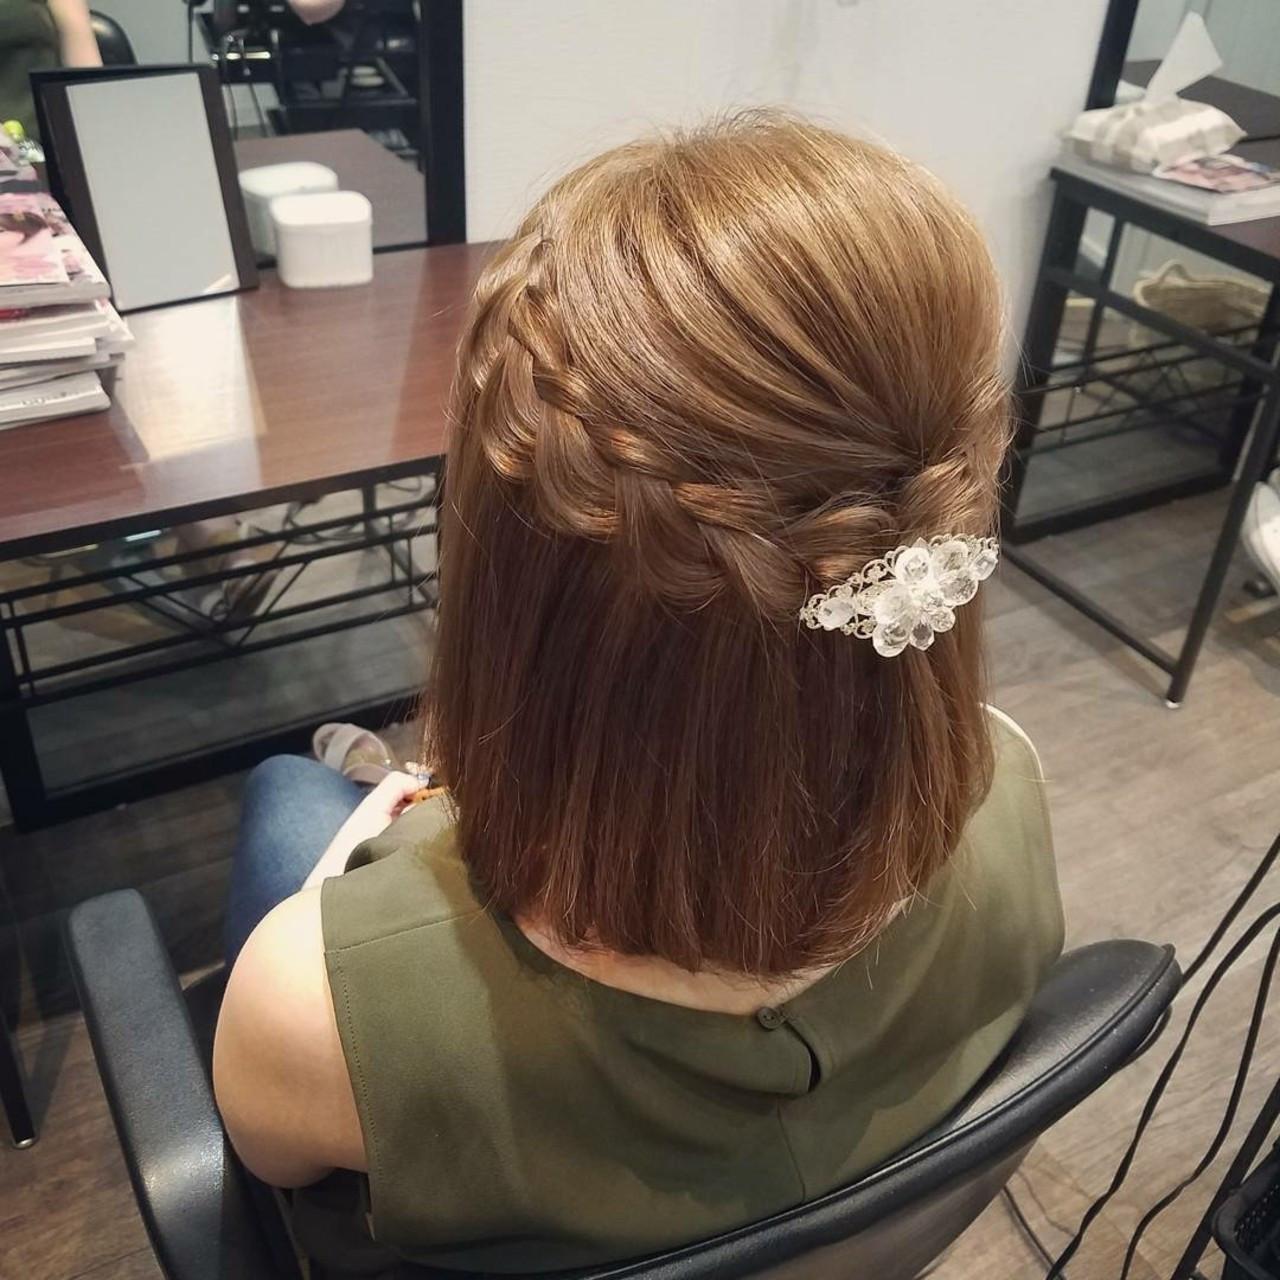 フェミニン ハーフアップ ヘアアレンジ 編み込み ヘアスタイルや髪型の写真・画像